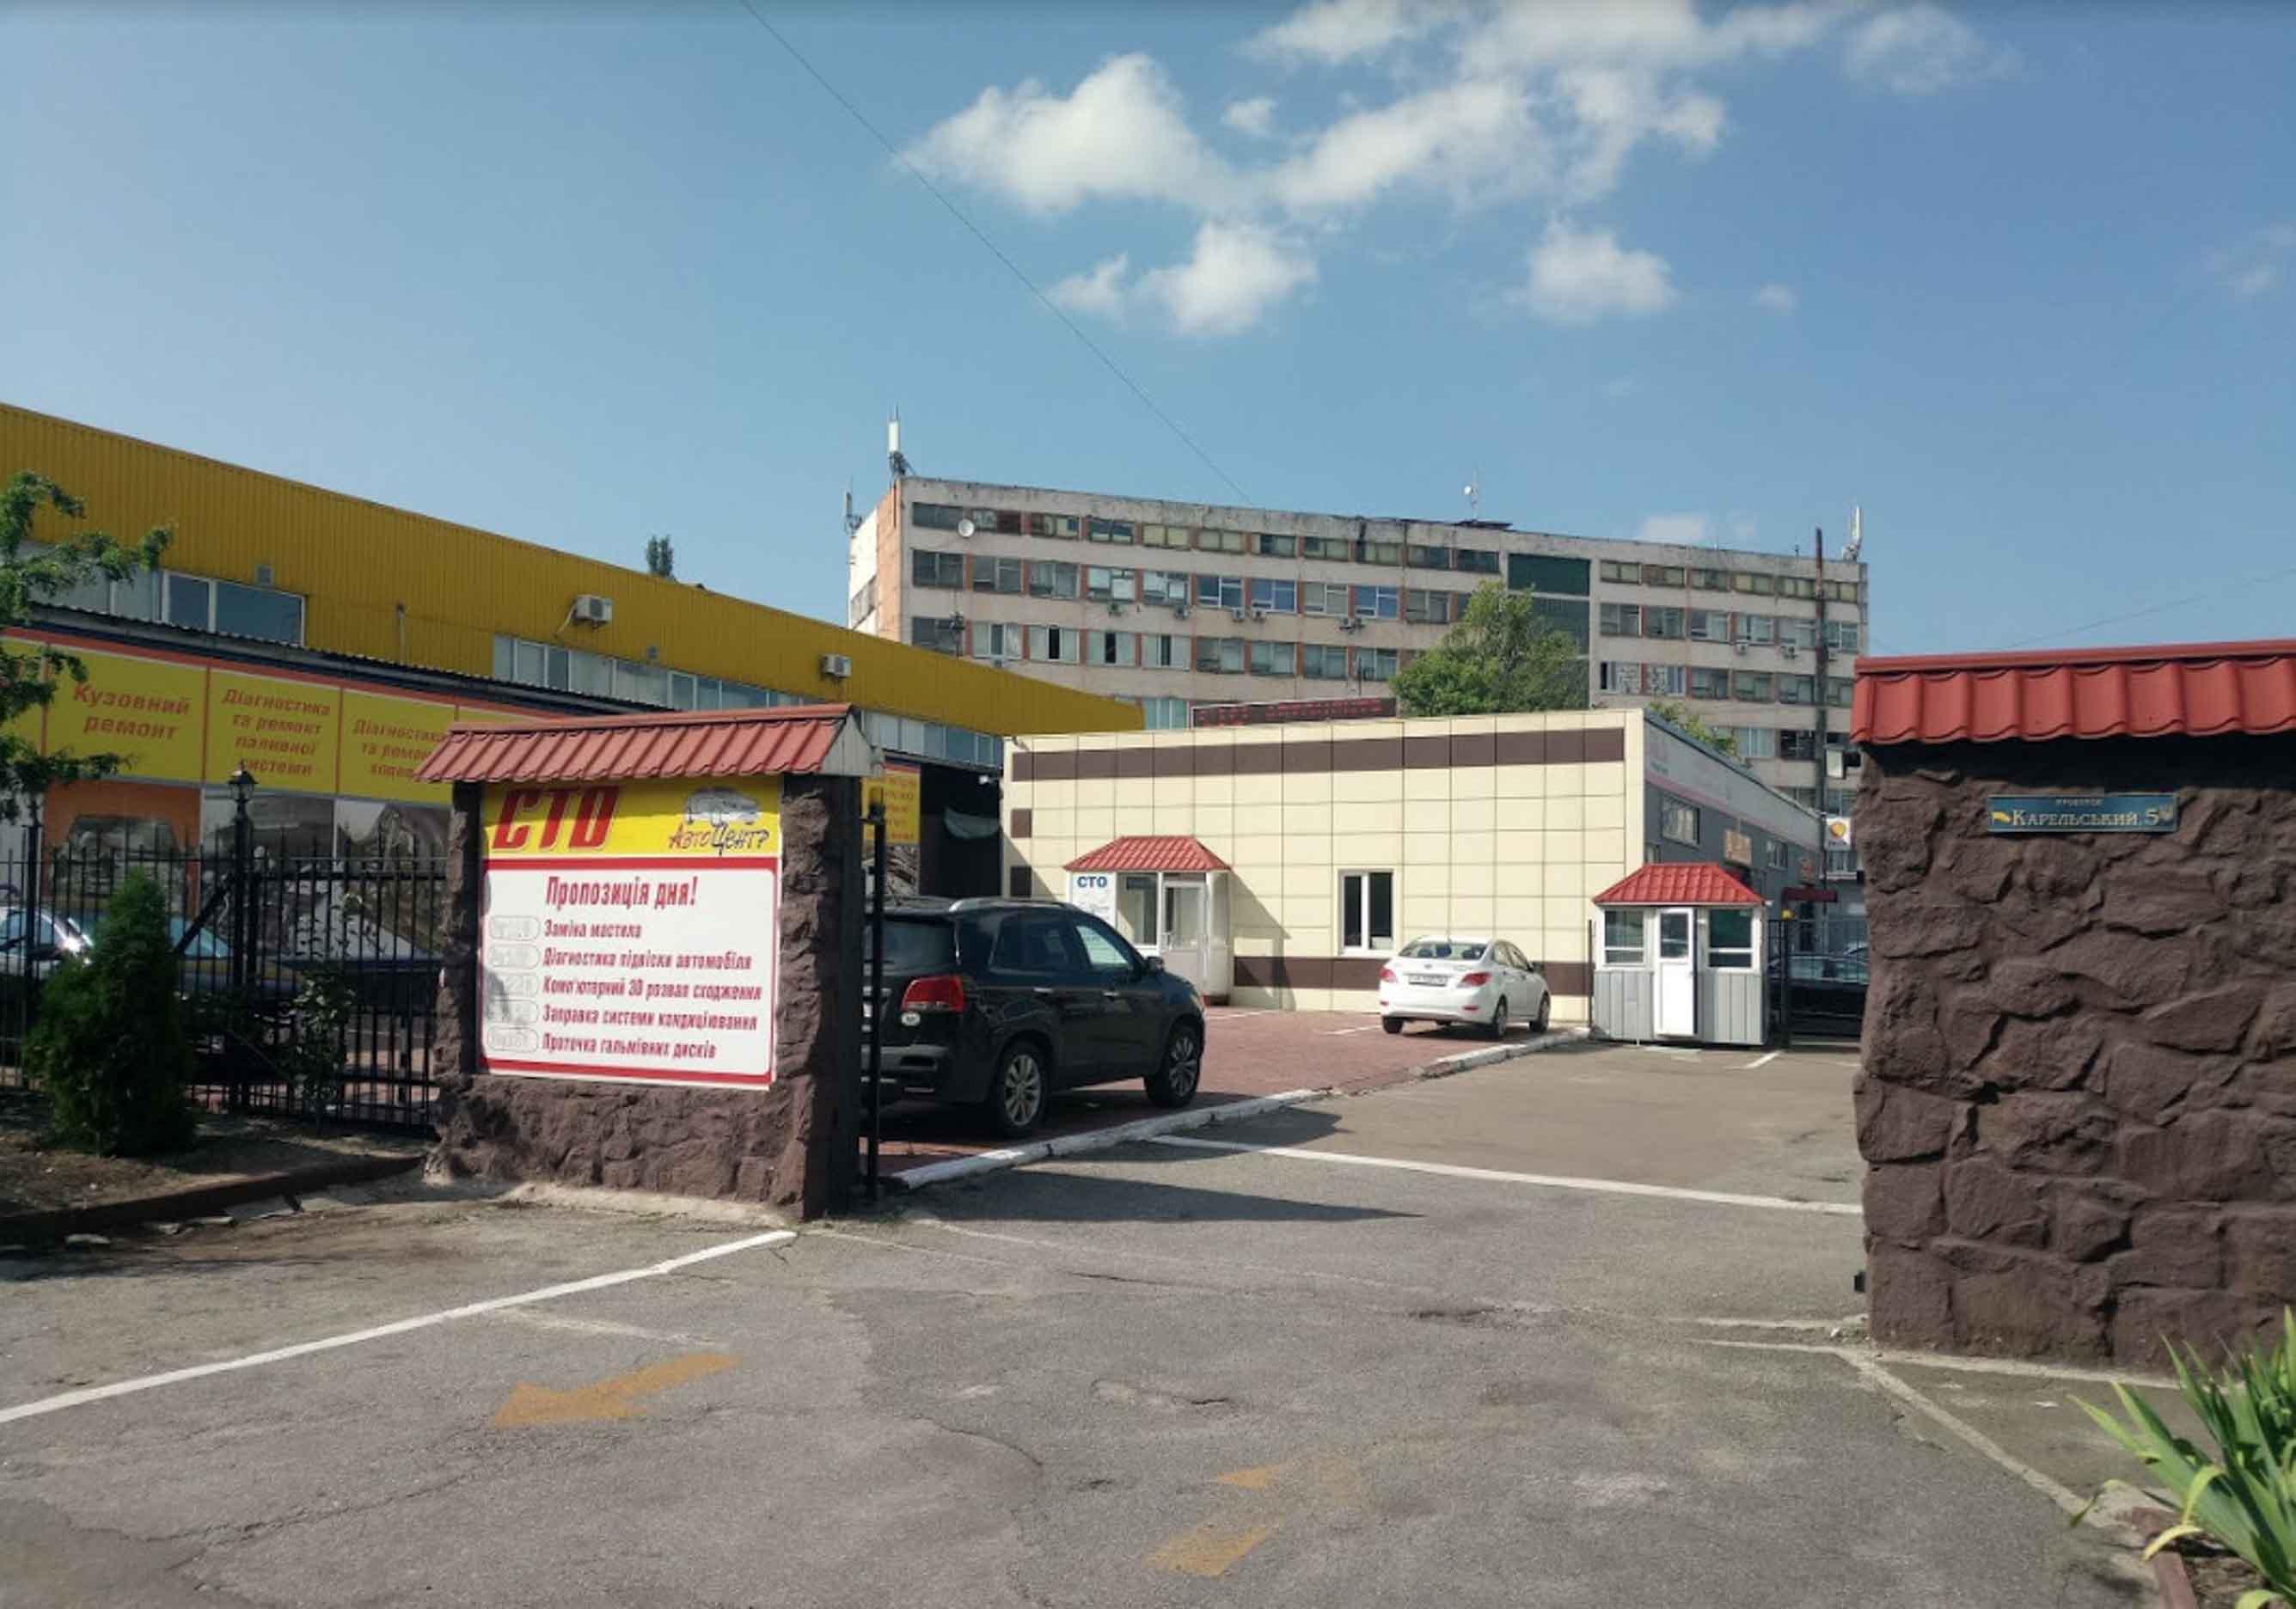 СТО «Автоцентр» - комплексное обслуживание и ремонт автомобилей фото 3